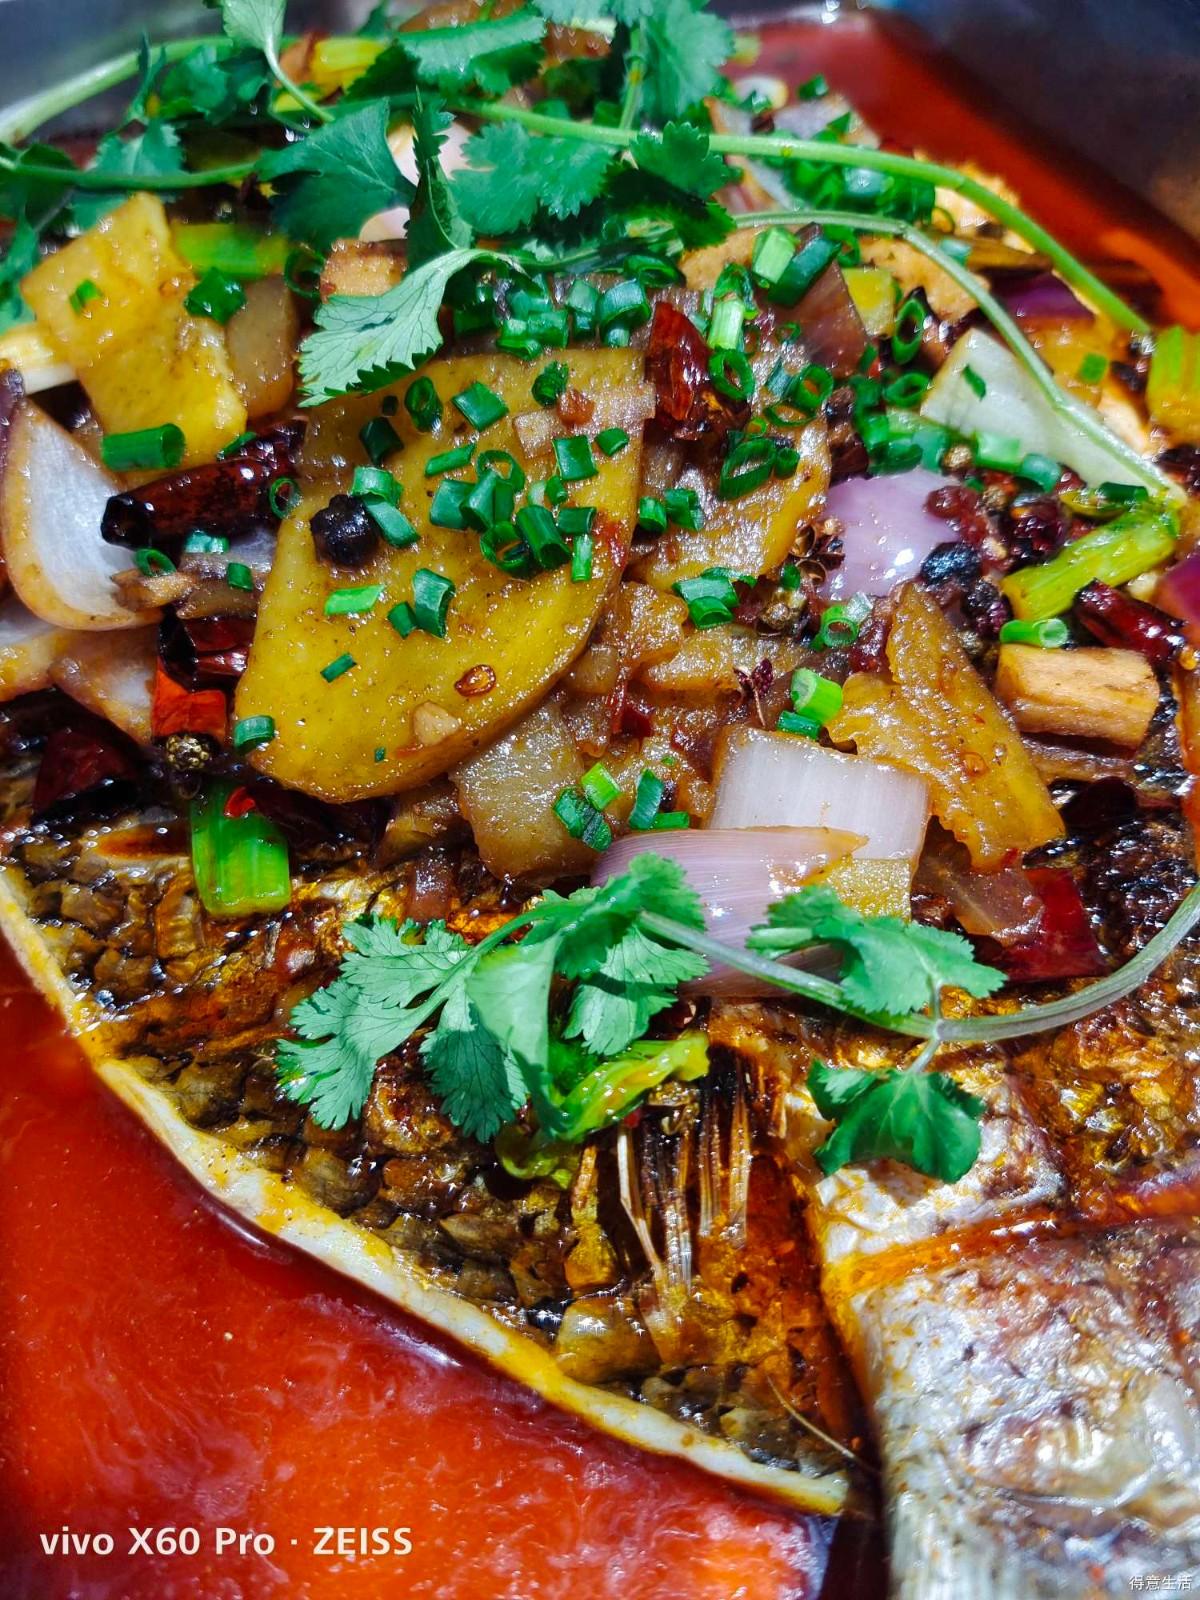 到了重庆,怎么能少得了一顿正宗的重庆香辣烤鱼?